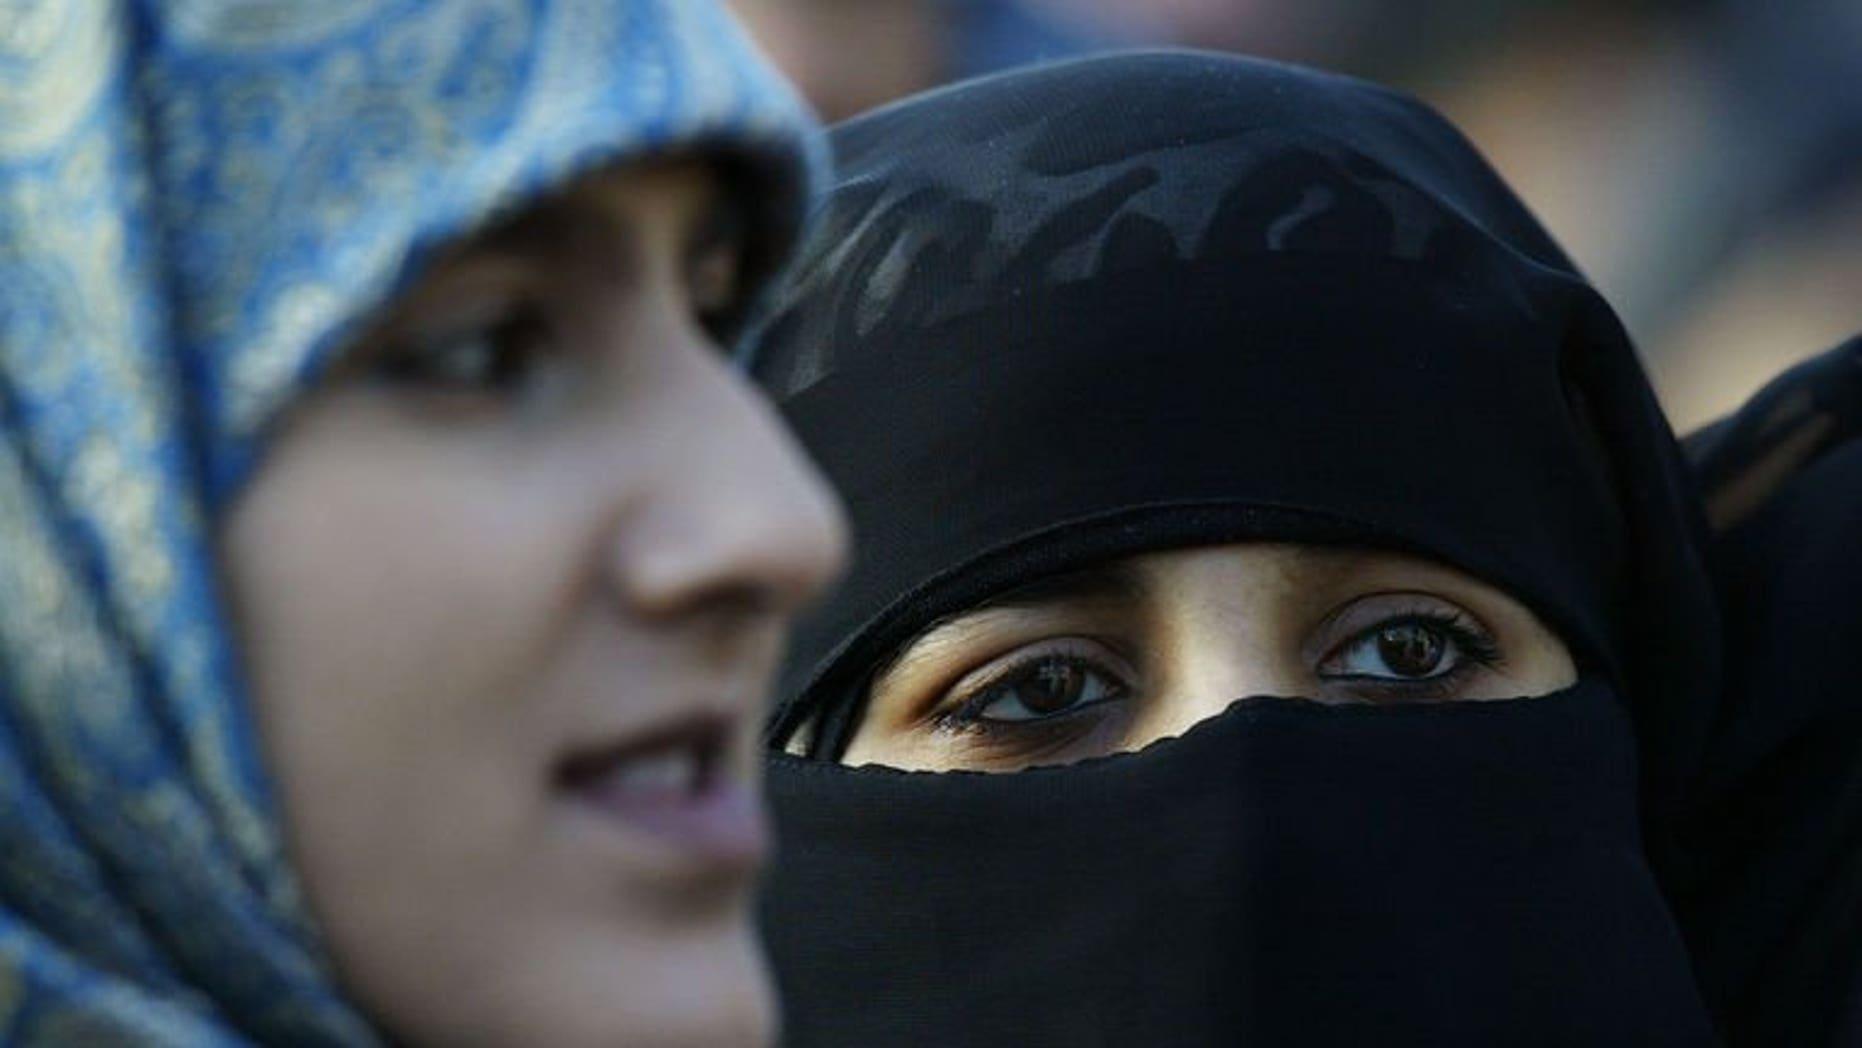 British college drops Muslim veil ban amid outcry | Fox News